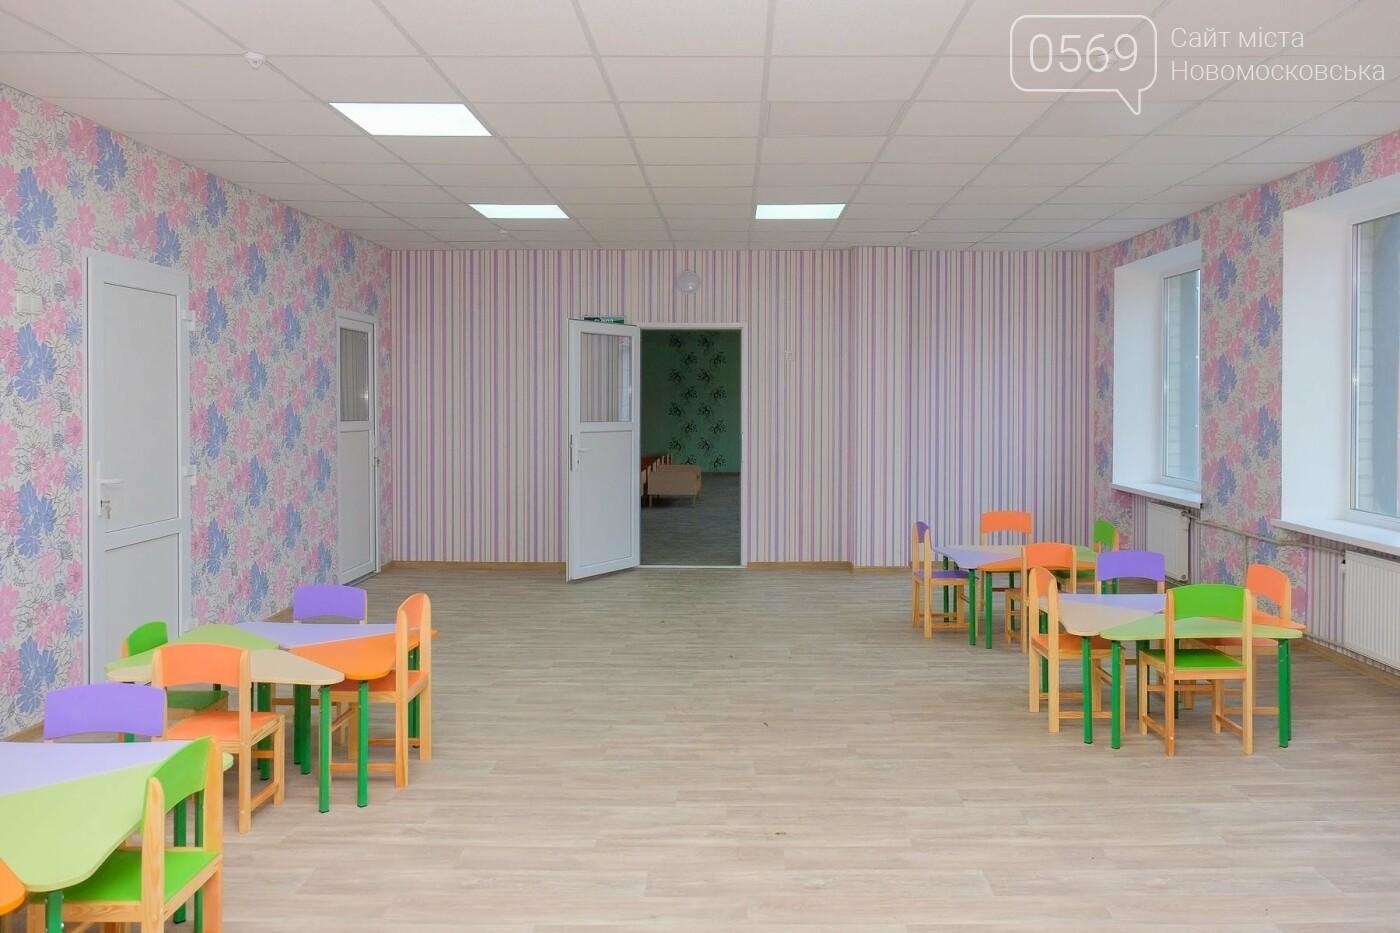 Реконструкція Миколаївської школи завершується, фото-1